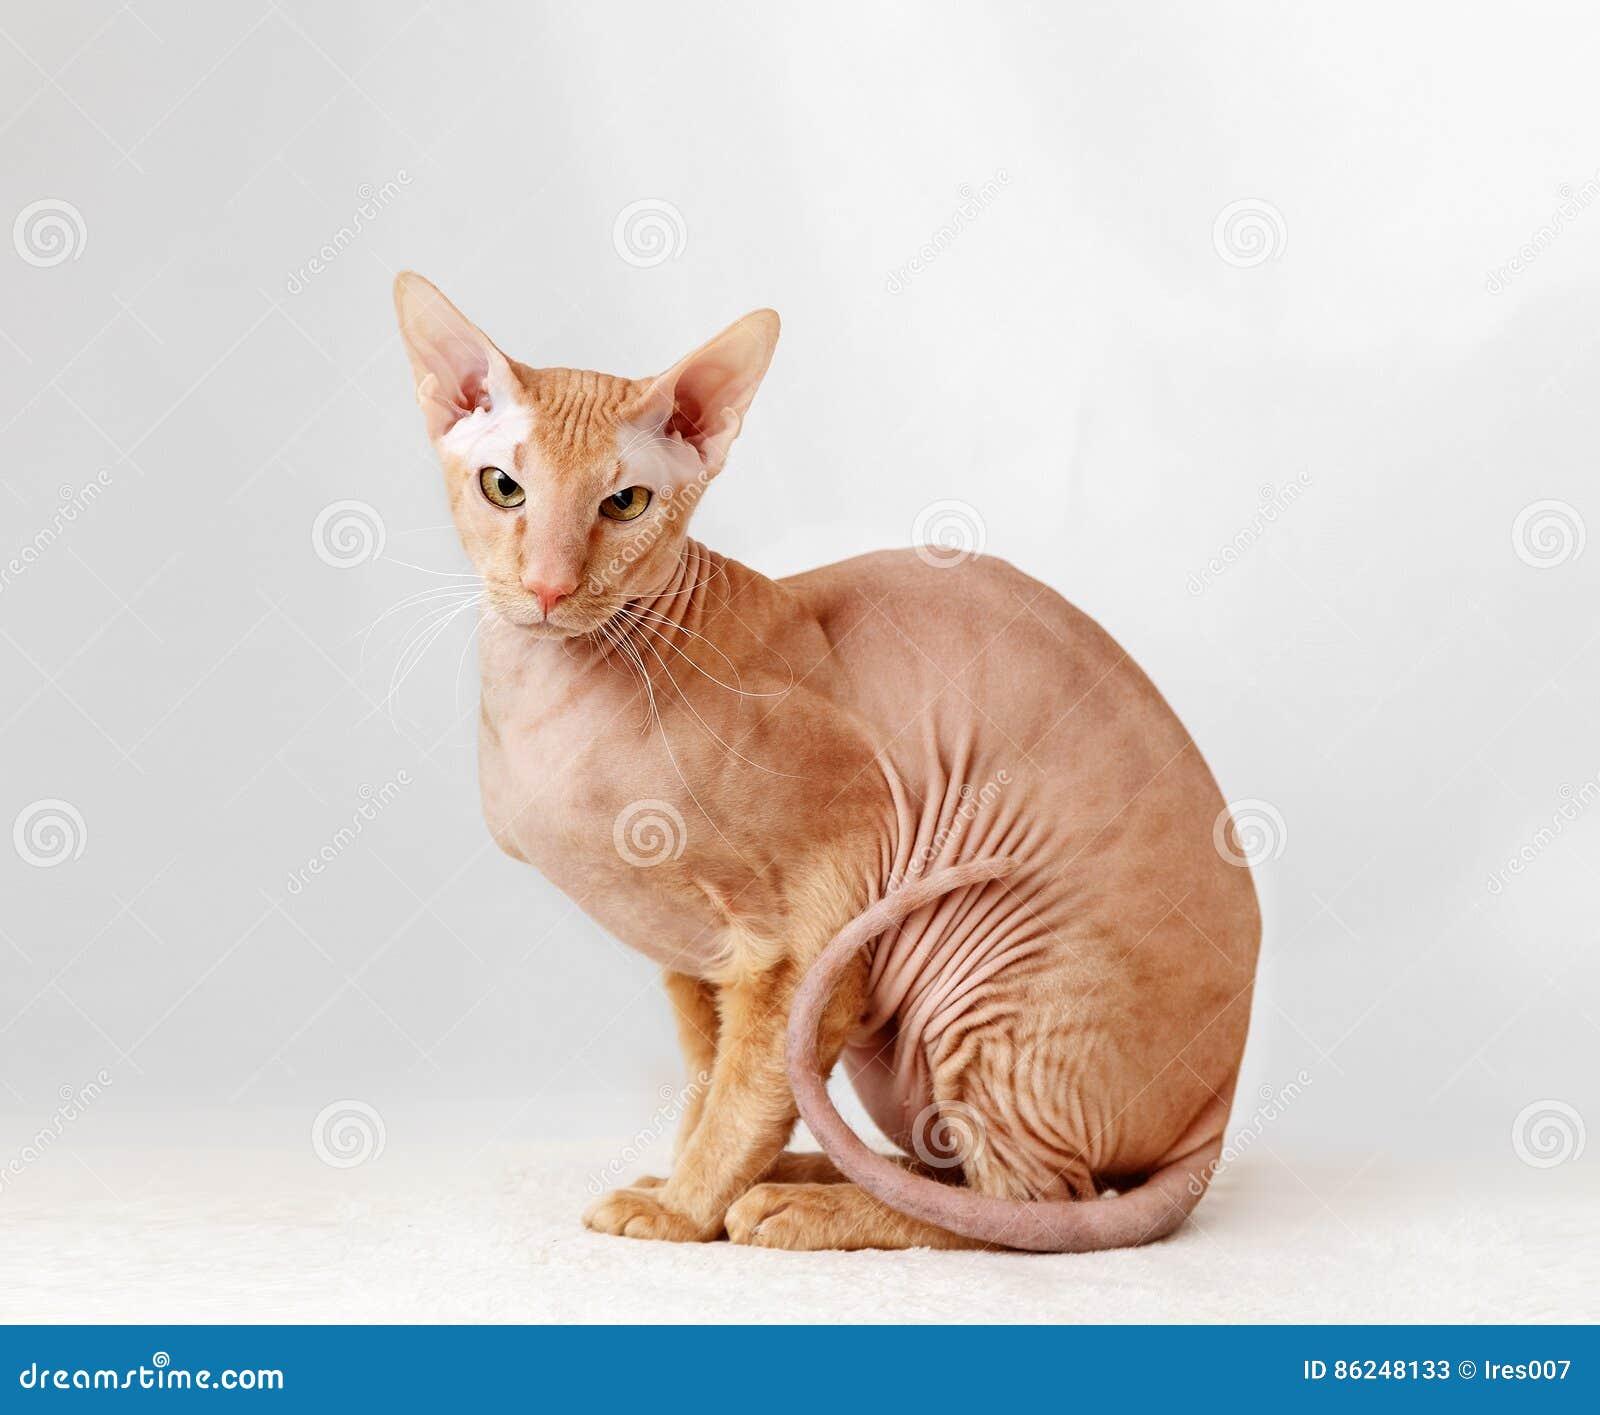 Peterbald cat, Oriental Shorthair